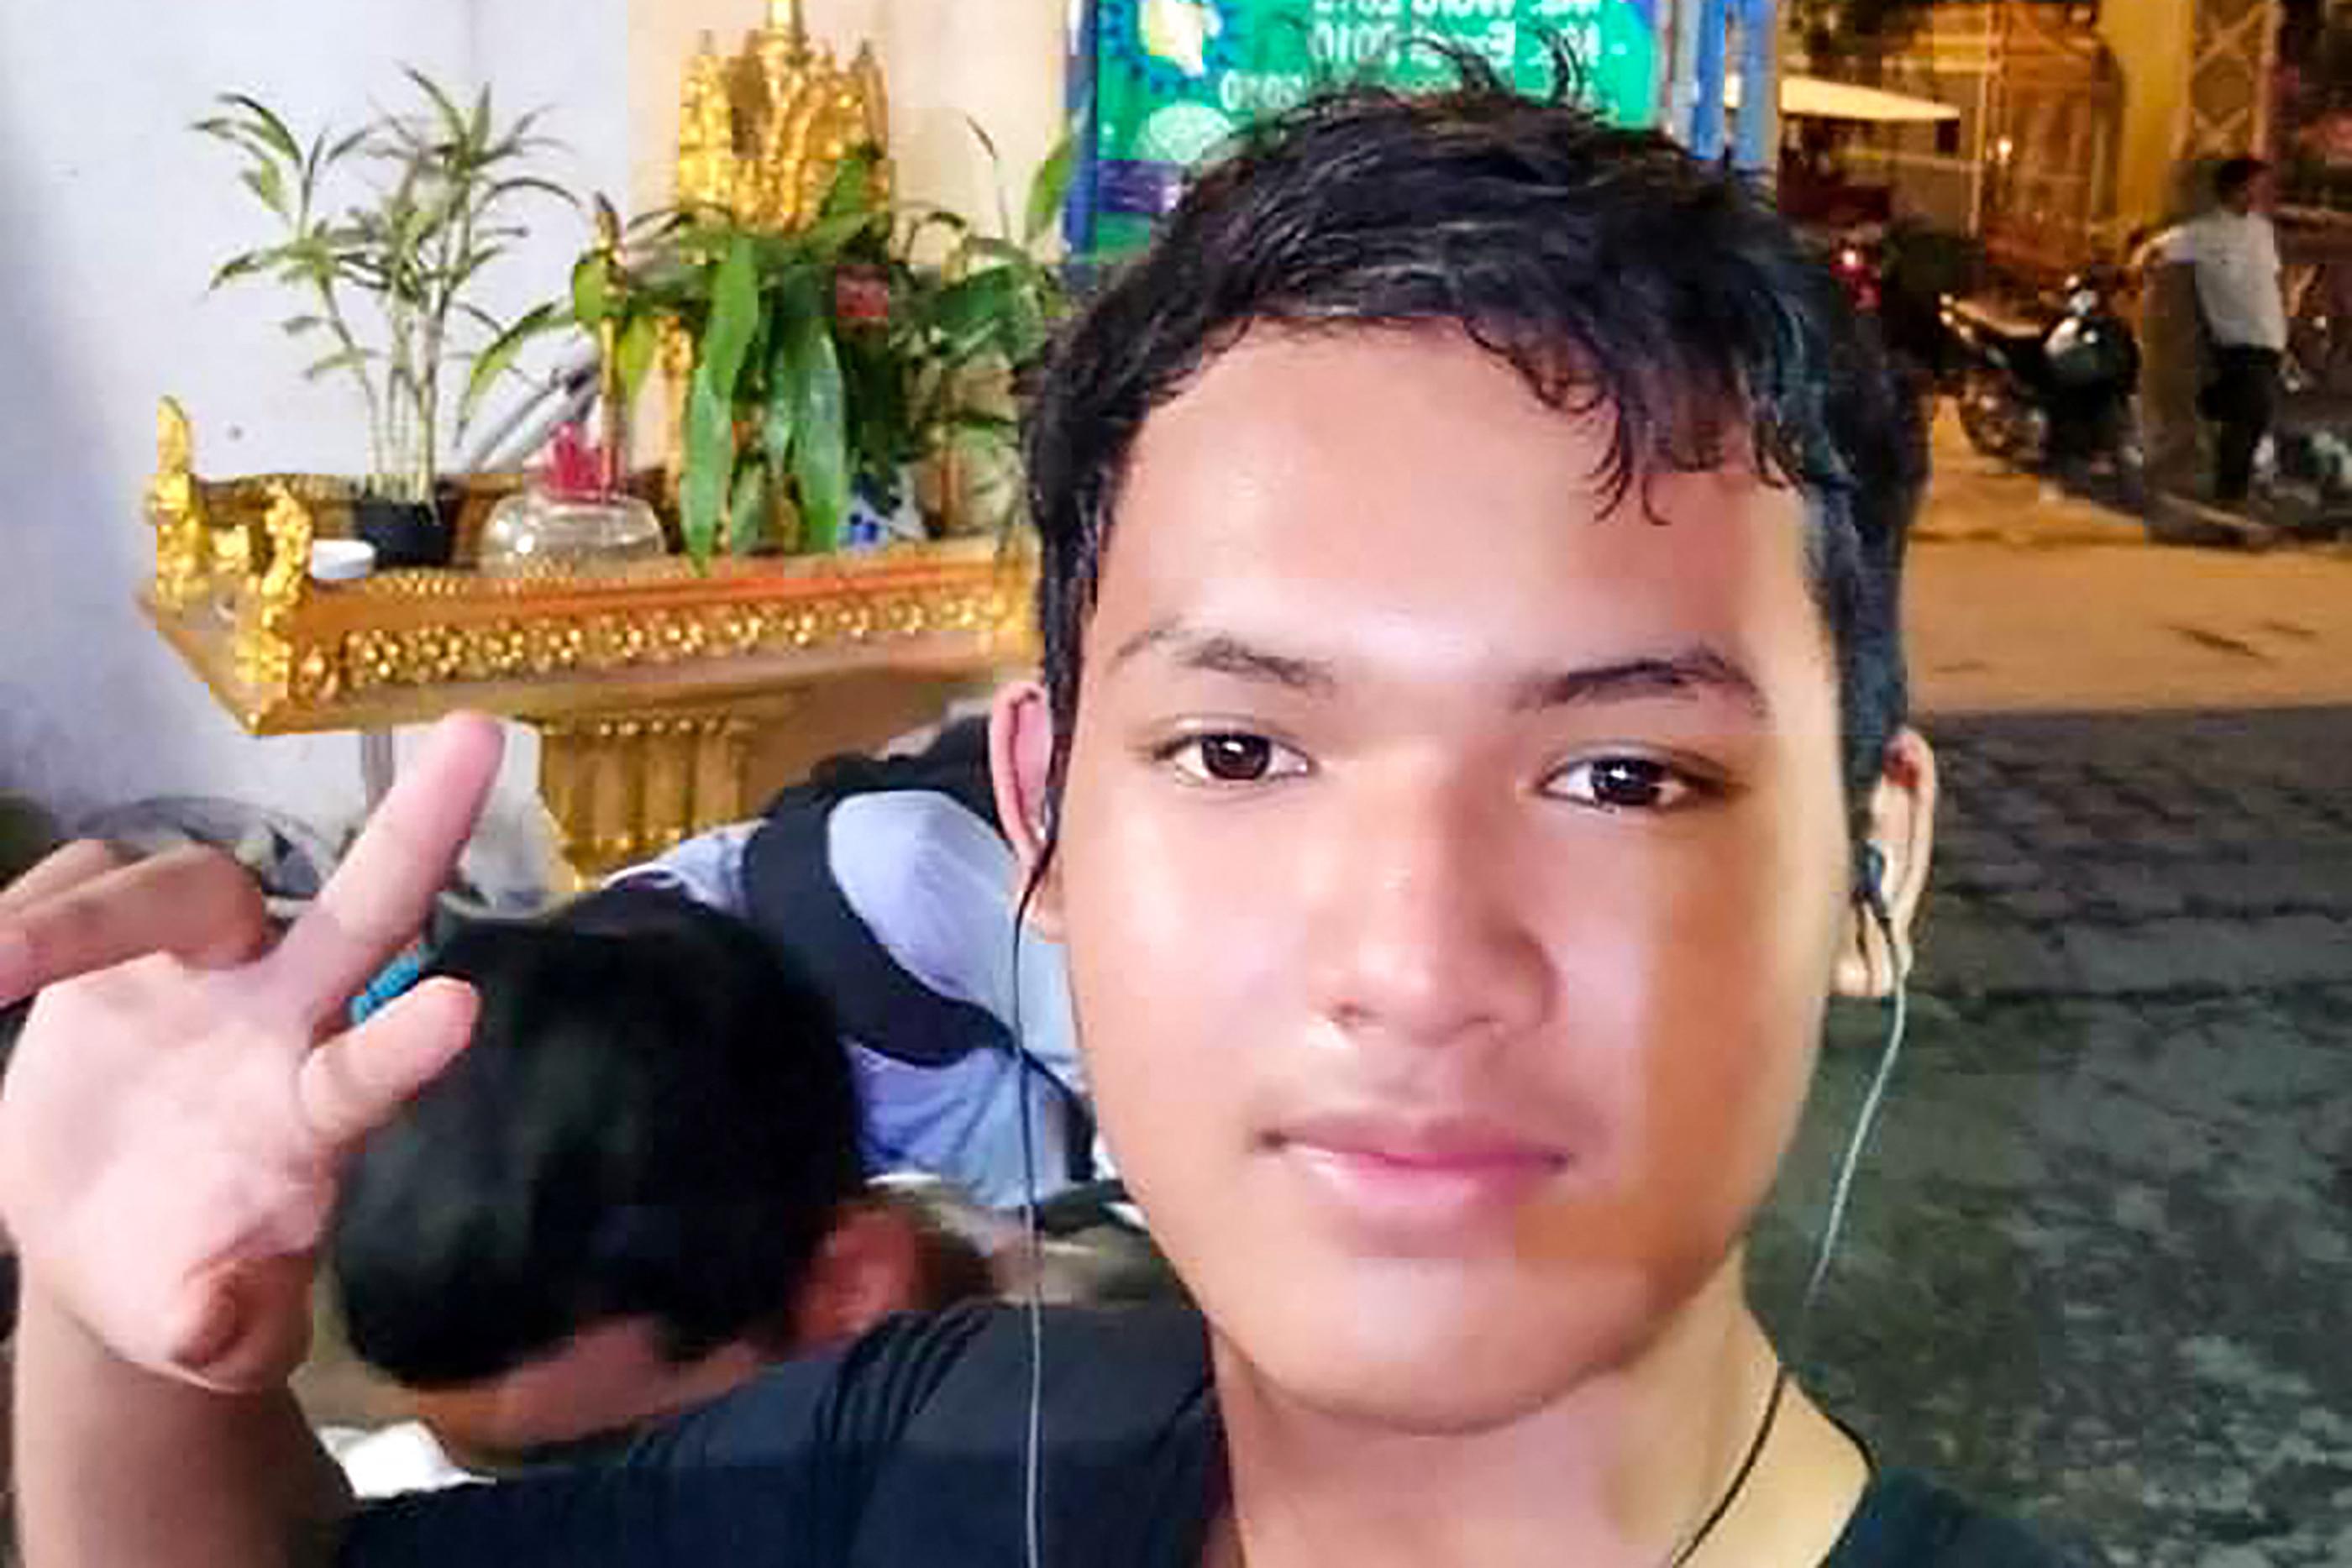 Két hónapja tartanak őrizetben egy autista fiút Kambodzsában